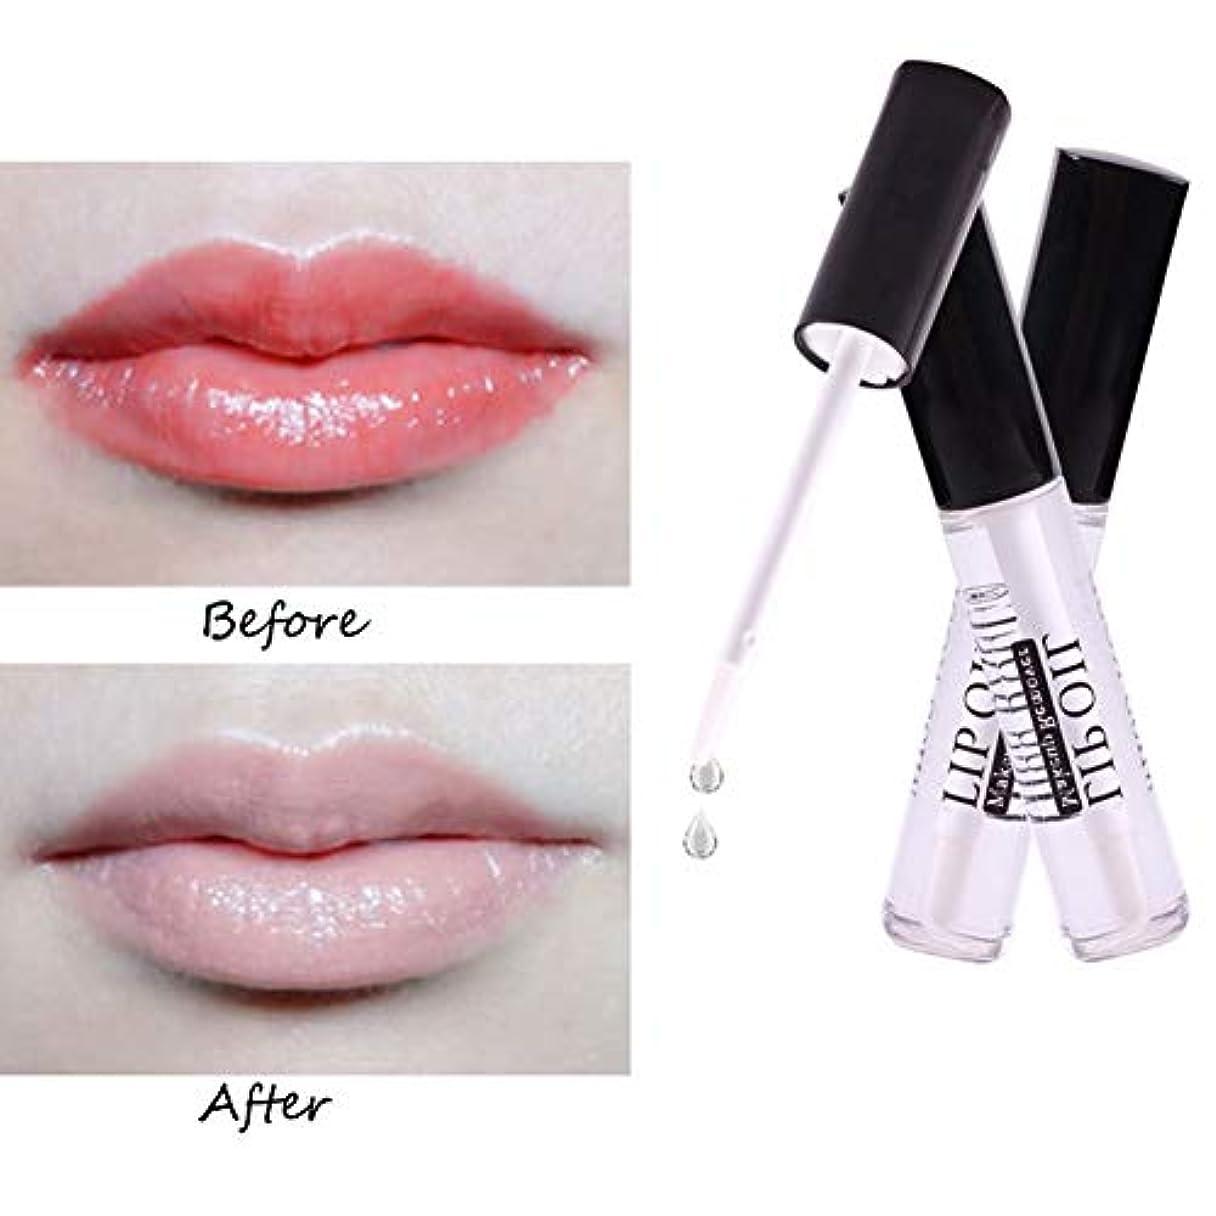 若さ検出する早熟ACHICOO クレンジングオイル リップグロス·リップスティック·口紅専用 唇 保湿 健康 プロ化粧